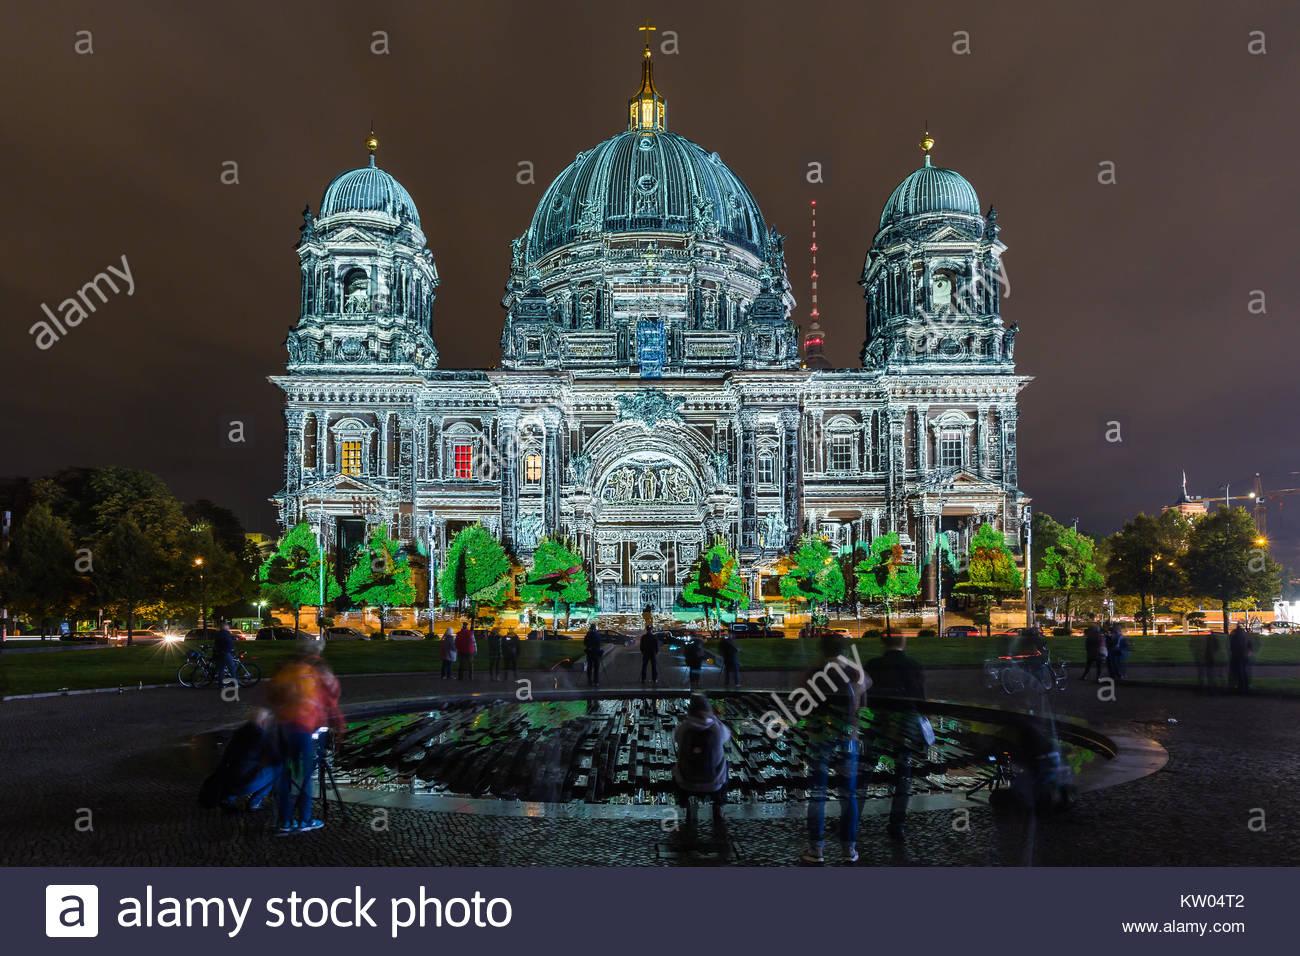 Berlin, der Berliner Dom bzw. Oberpfarr- und Domkirche zu Berlin beim Festival of Lights 2016 illuminiert in farbenpraechtigen - Stock Image